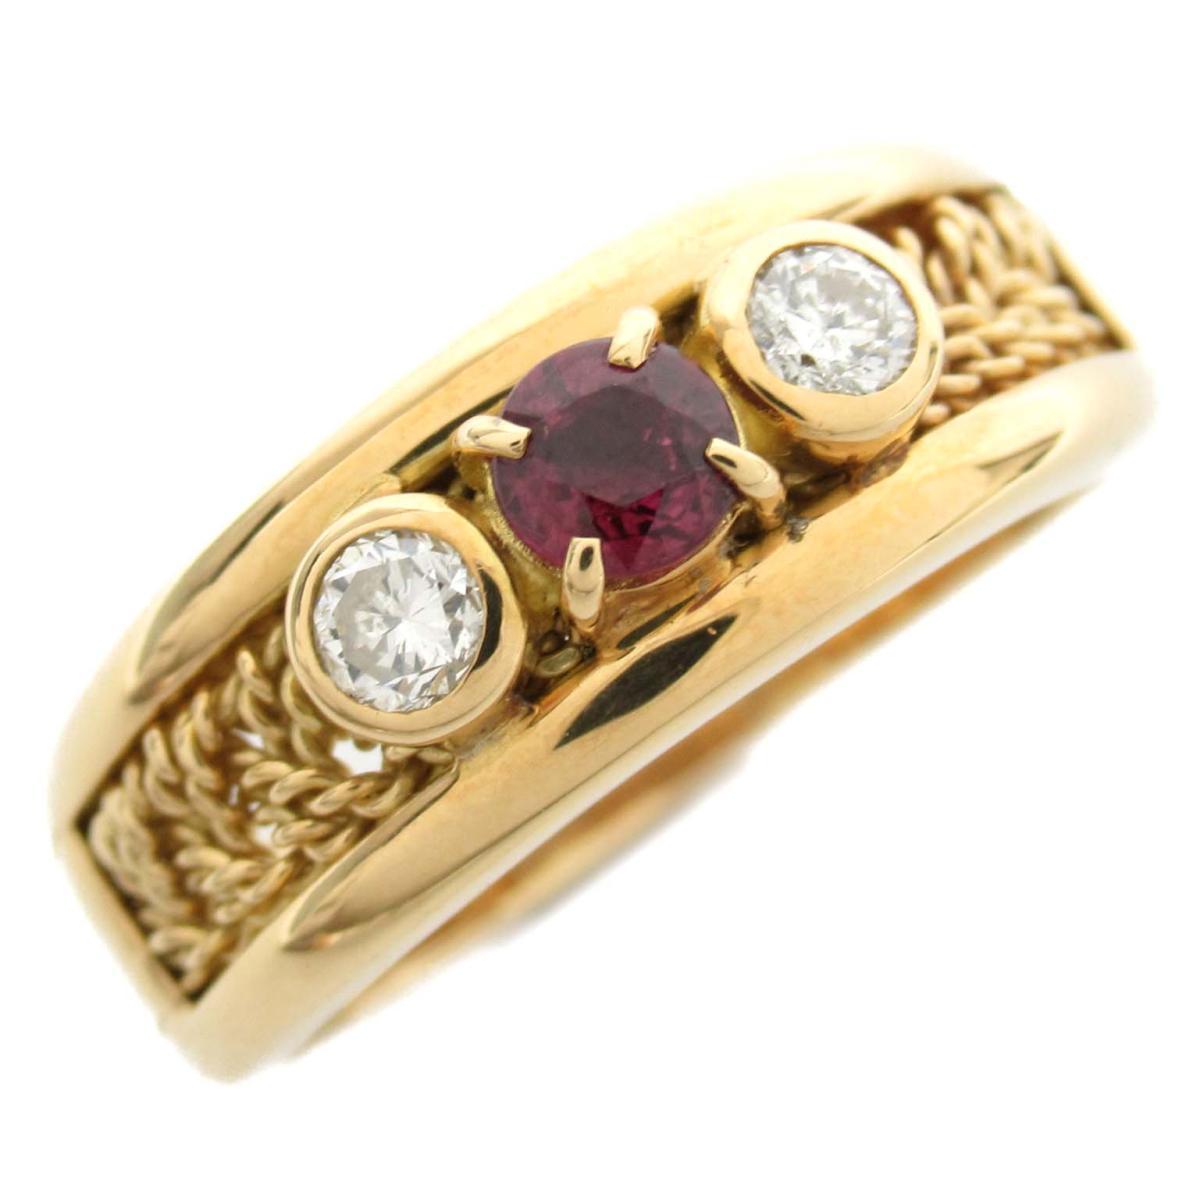 ソニア・リキエル ルビー ダイヤモンド リング 指輪 ブランドジュエリー レディース K18YG (750) イエローゴールド x ルビー0.20ct ダイヤモンド0.33ct 【中古】 | ブランド